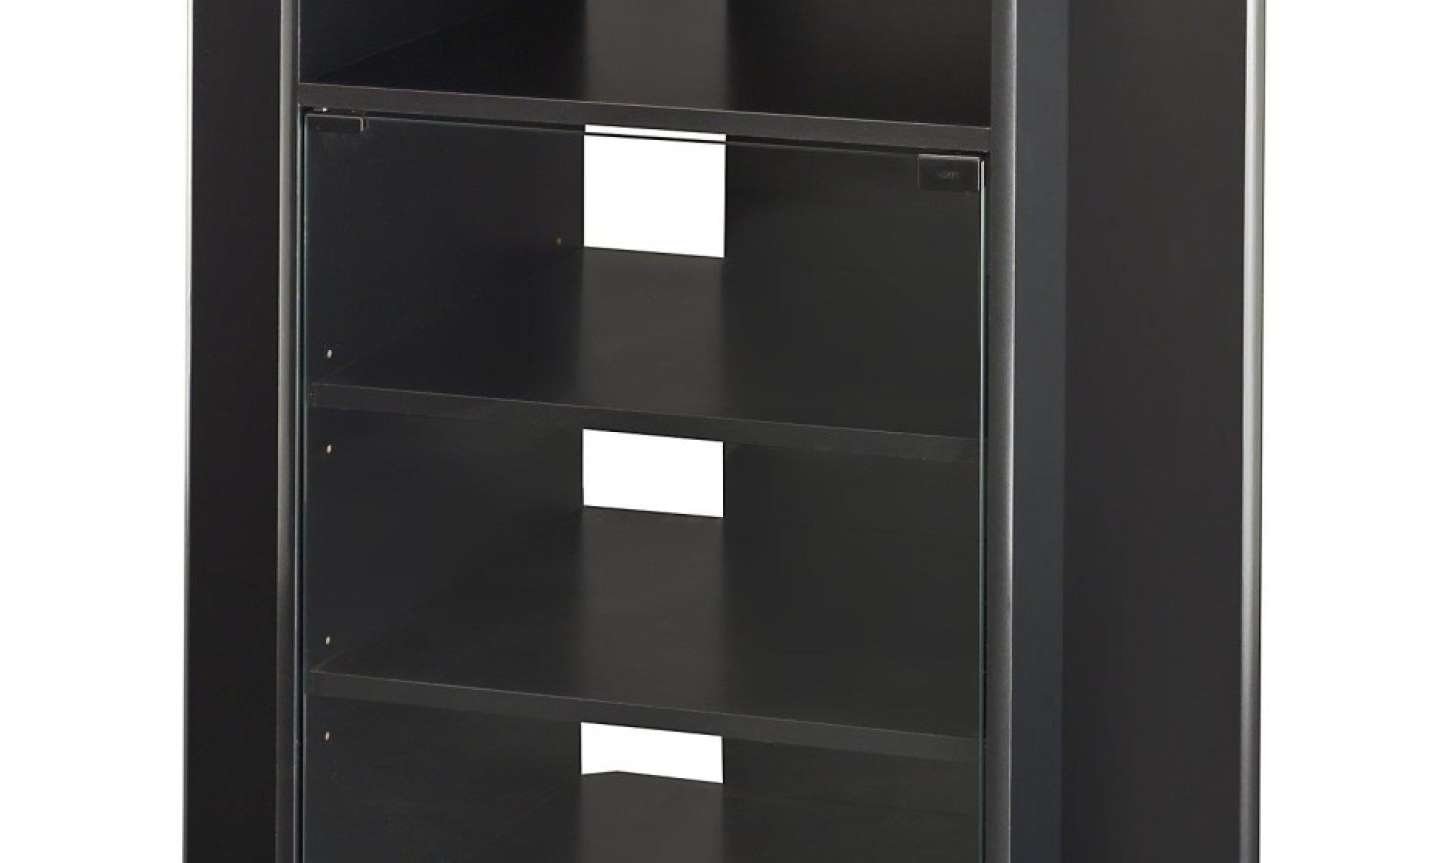 Tv : Astonishing Black Tv Cabinets With Doors Enthrall Black Tv With Regard To Black Tv Cabinets With Doors (View 17 of 20)